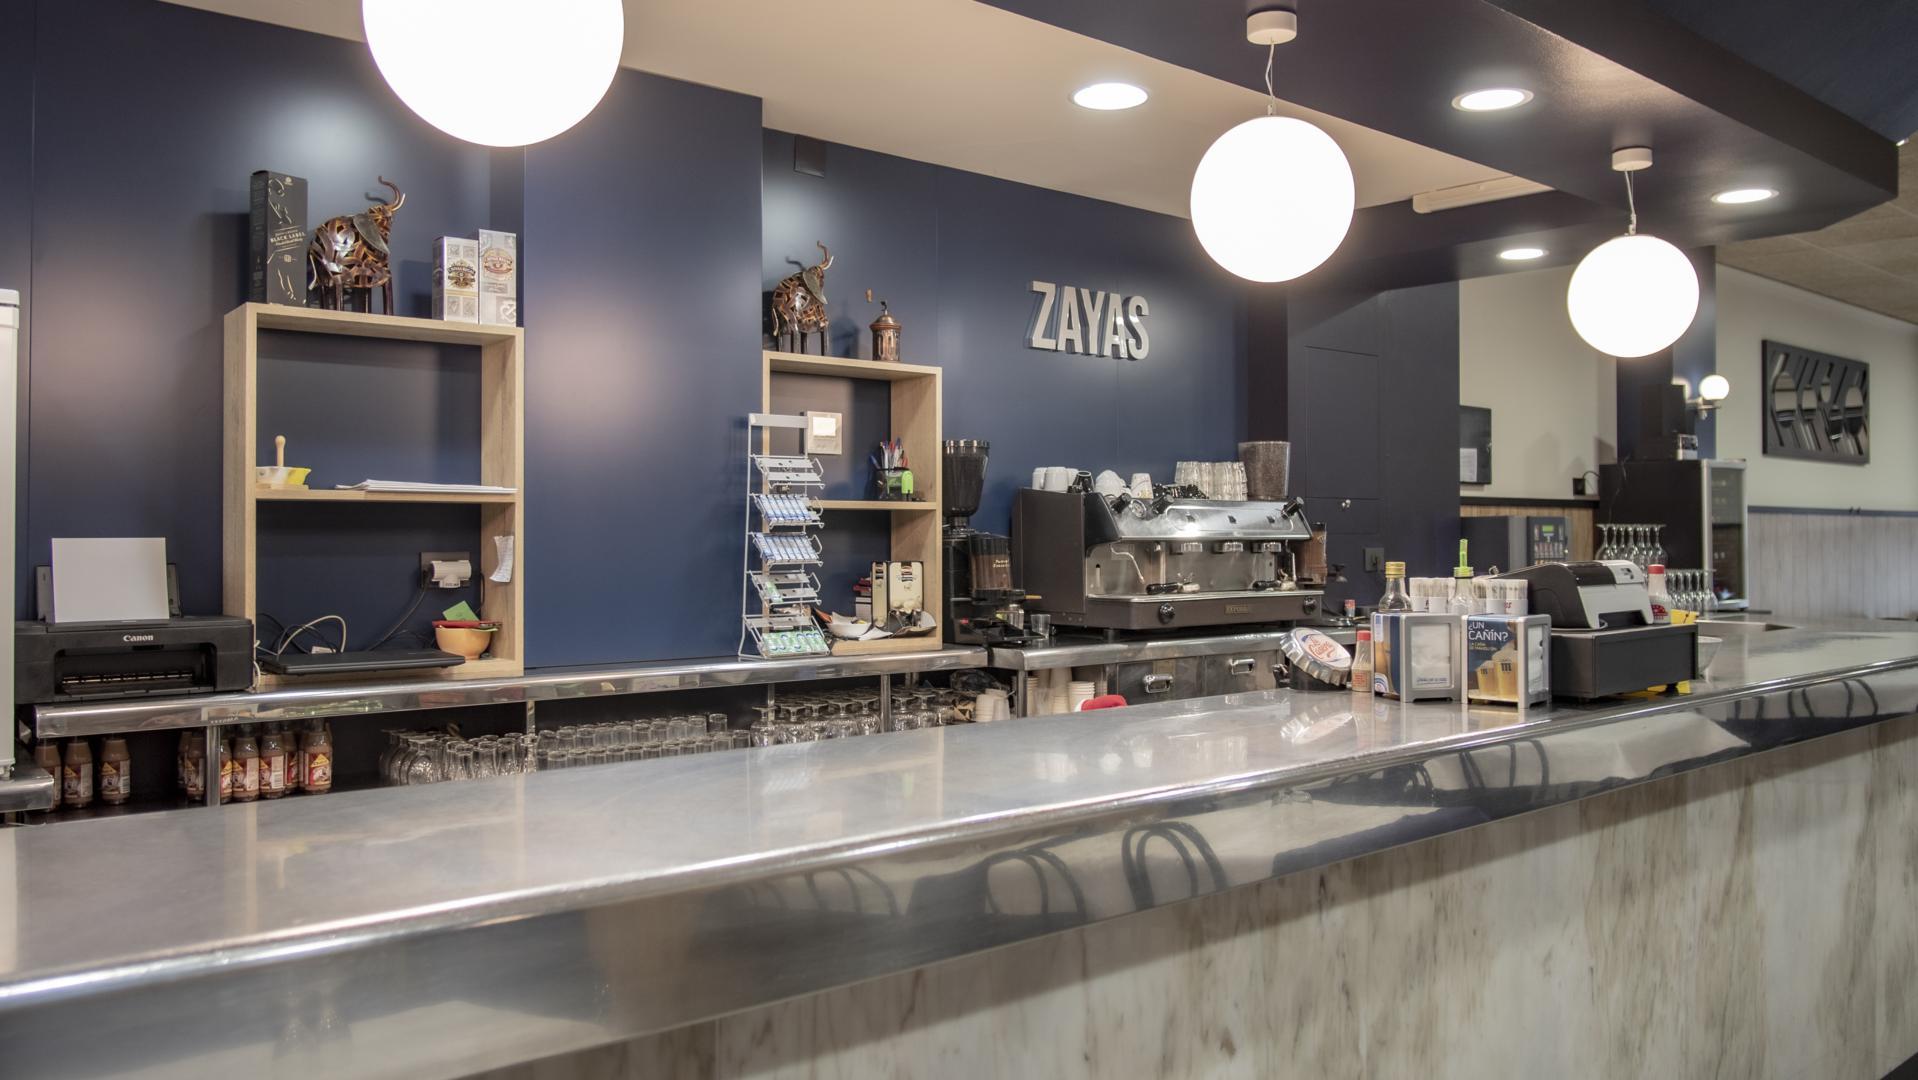 P1040645 1918x1080 - Reforma Restaurante ZAYAS - La Vilavella